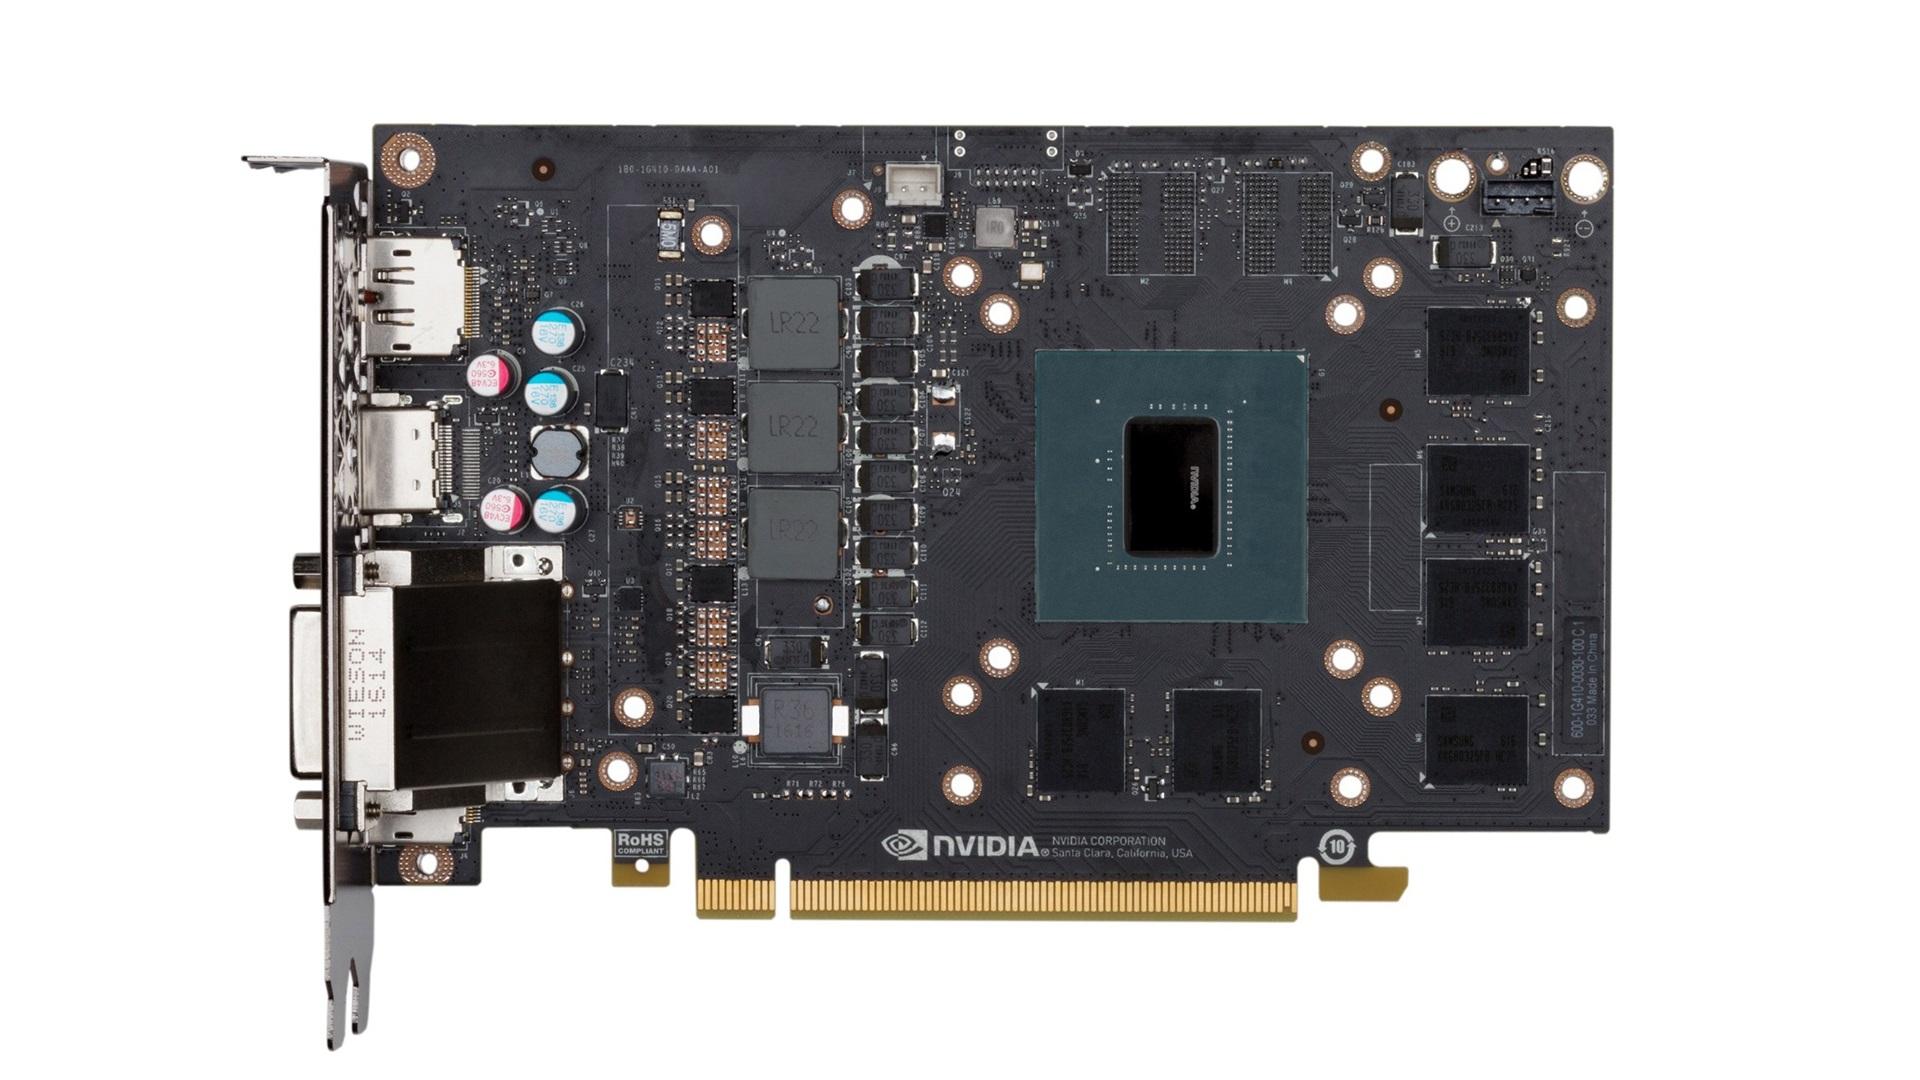 Nvidia GeForce GTX 1060 (Desktop) Review - NotebookCheck net